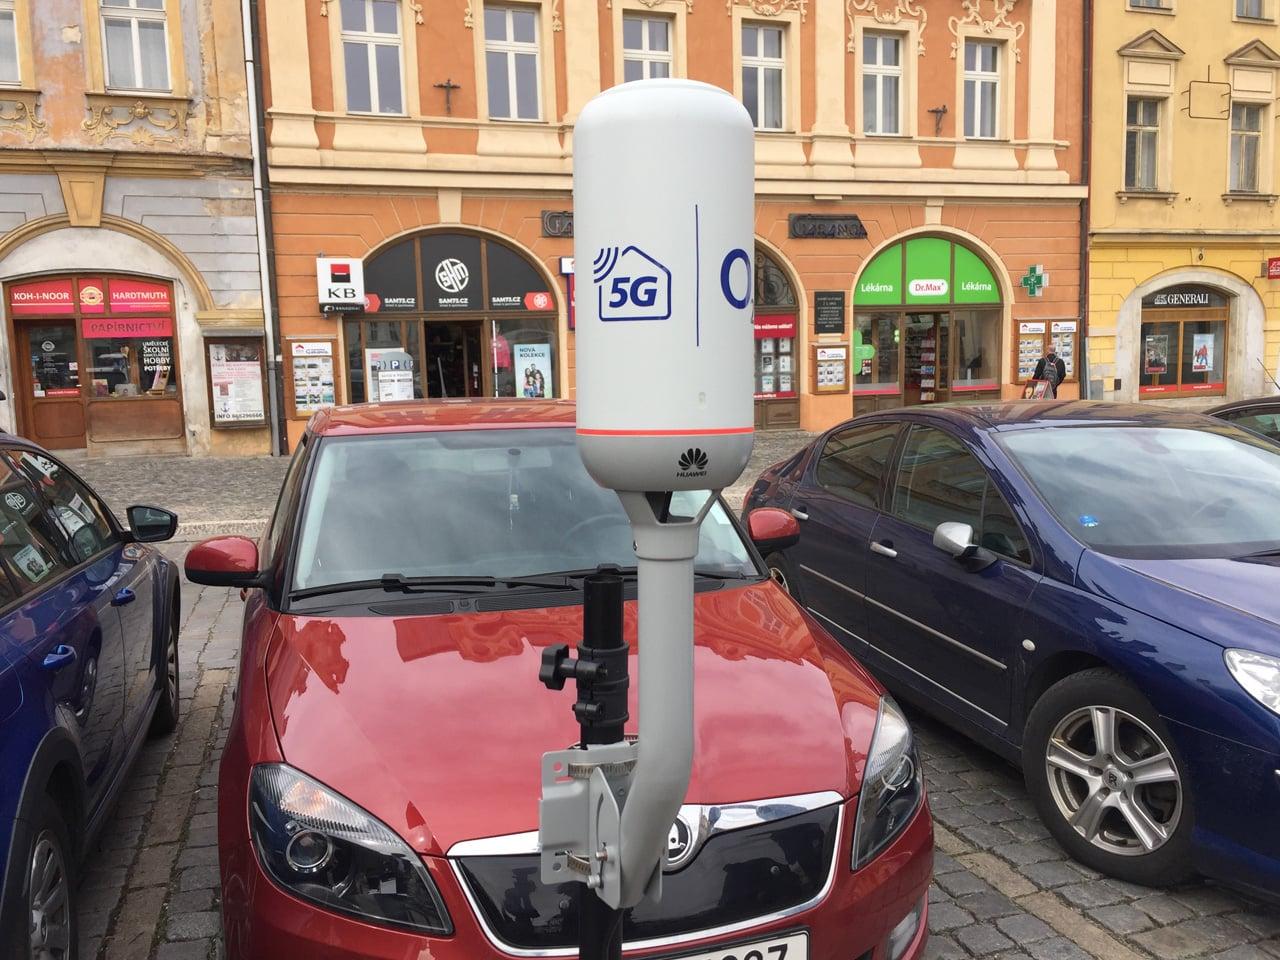 Přípravy na 5G: O2 v Kolíně spustil LTE o rychlosti až 1 Gb/s